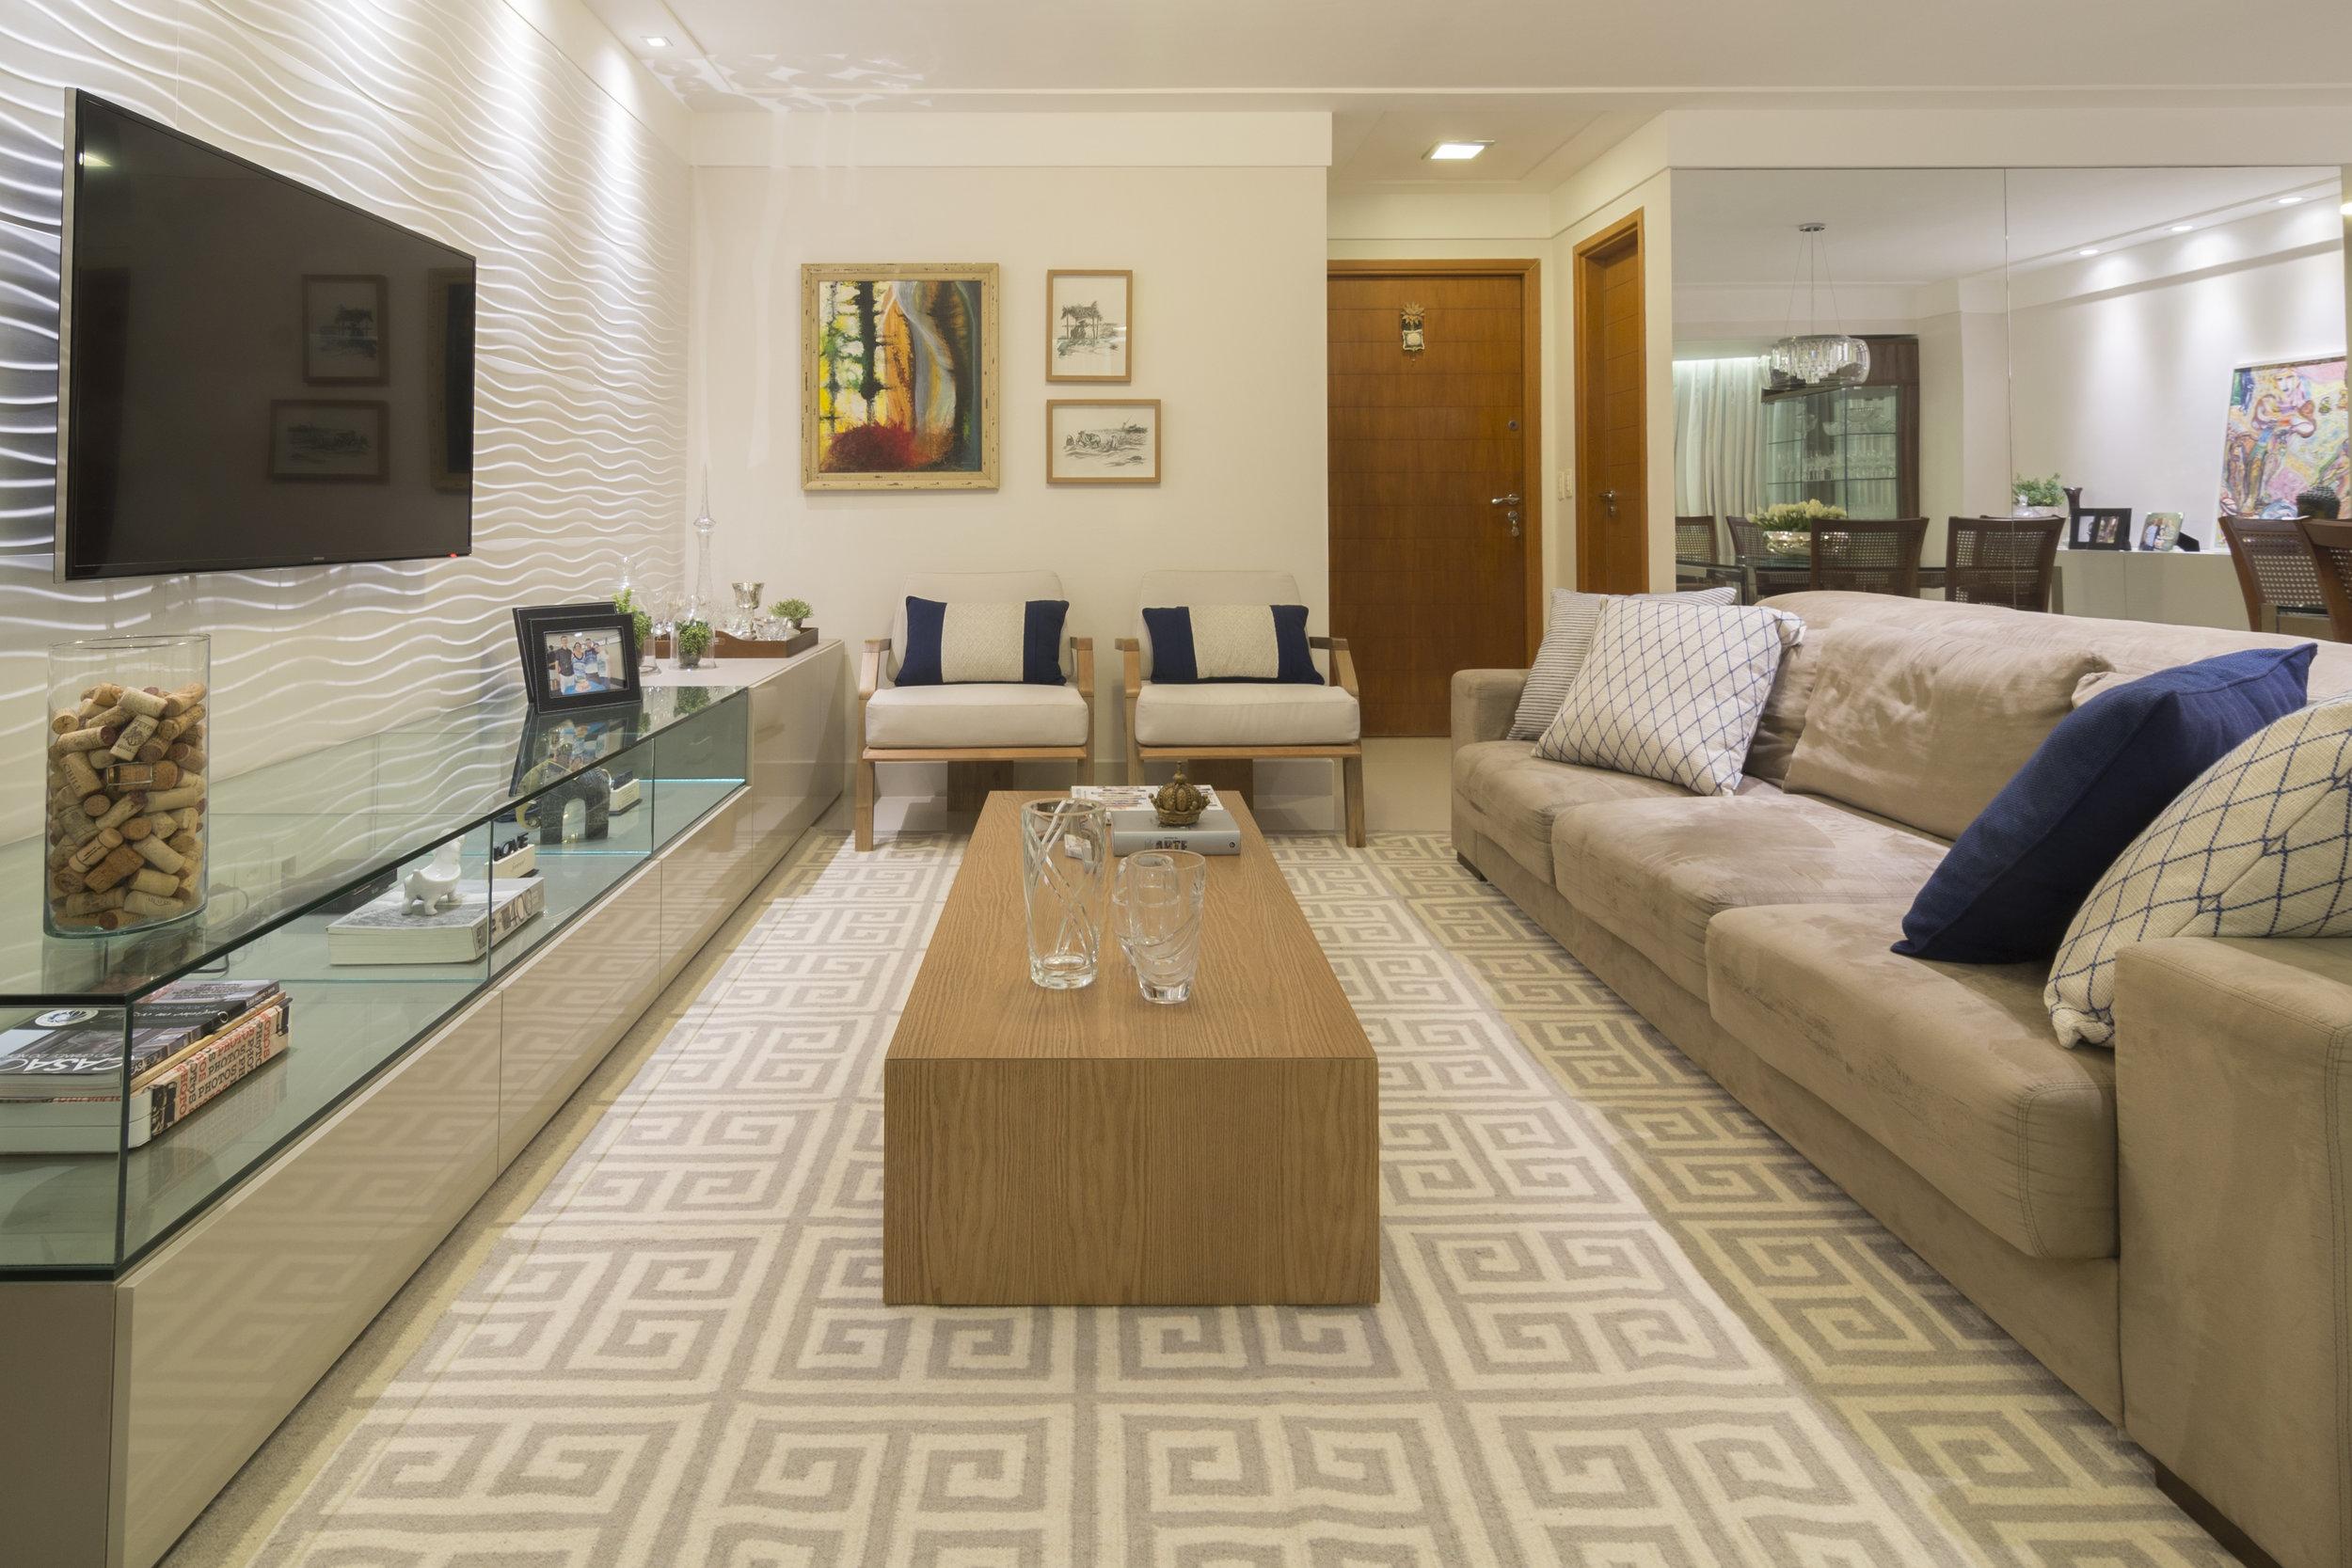 projeto-arquitetonico-luciananilton-duo-arquitetura-apartamentos-natal-022.jpg